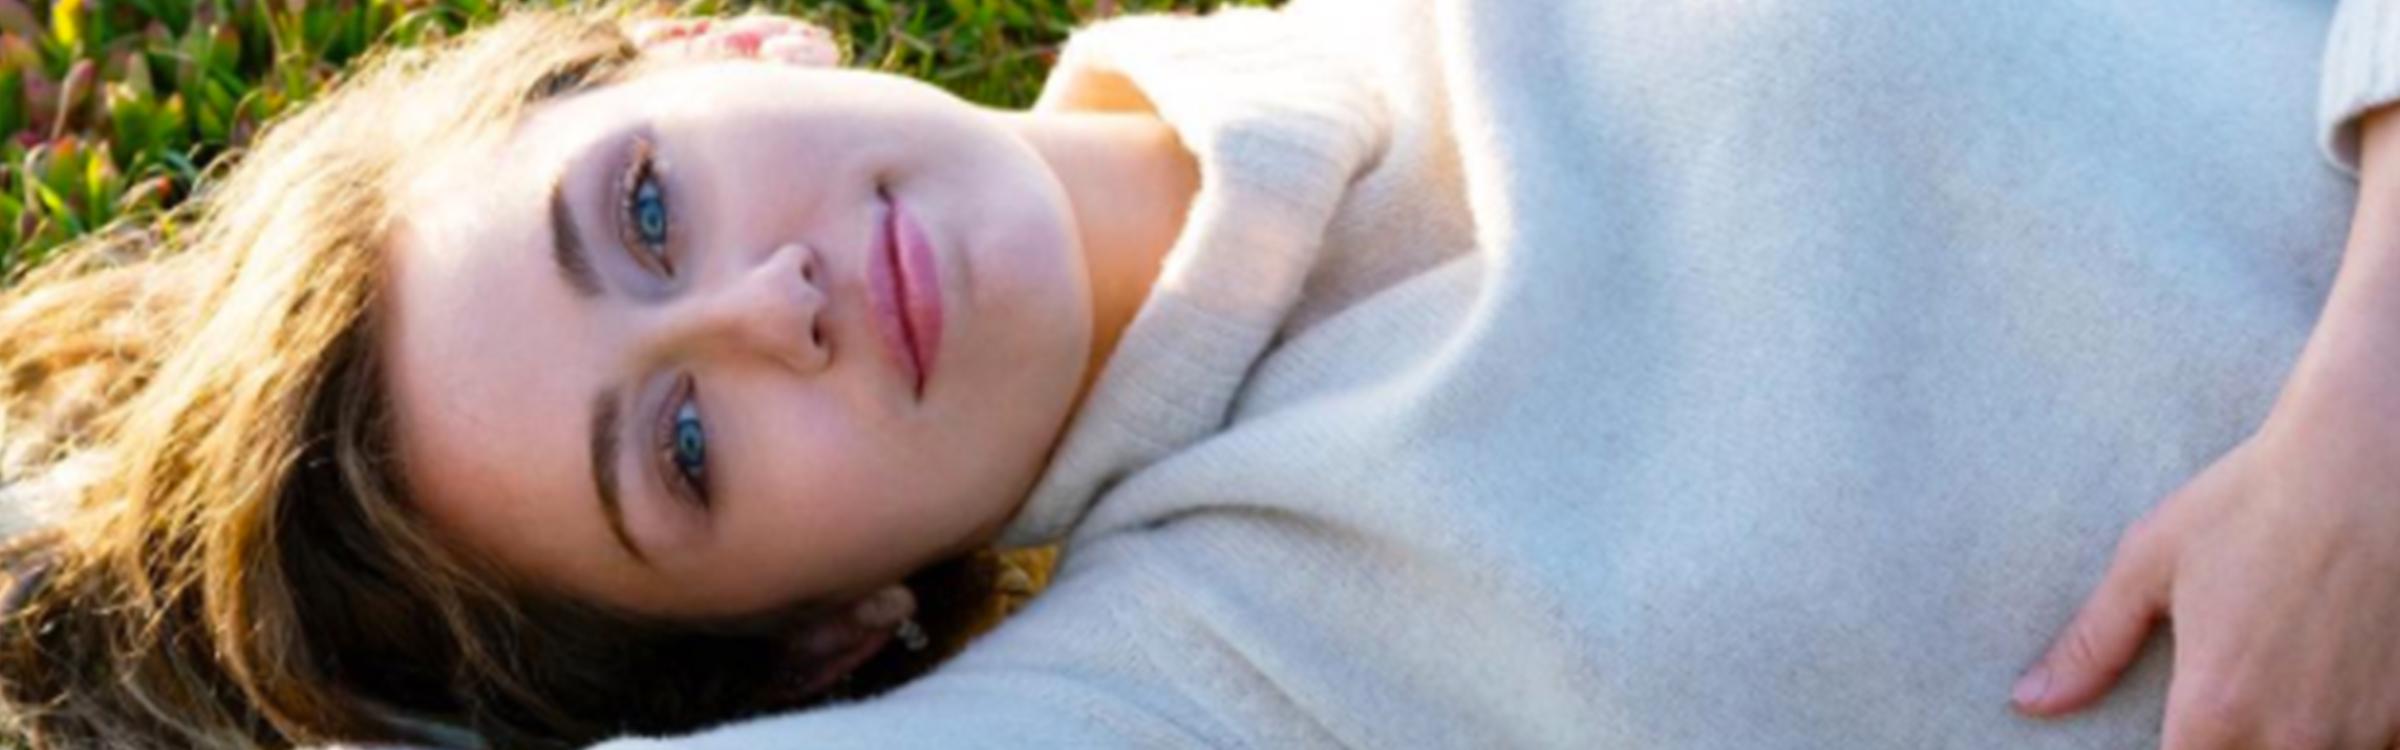 Miley header malibu